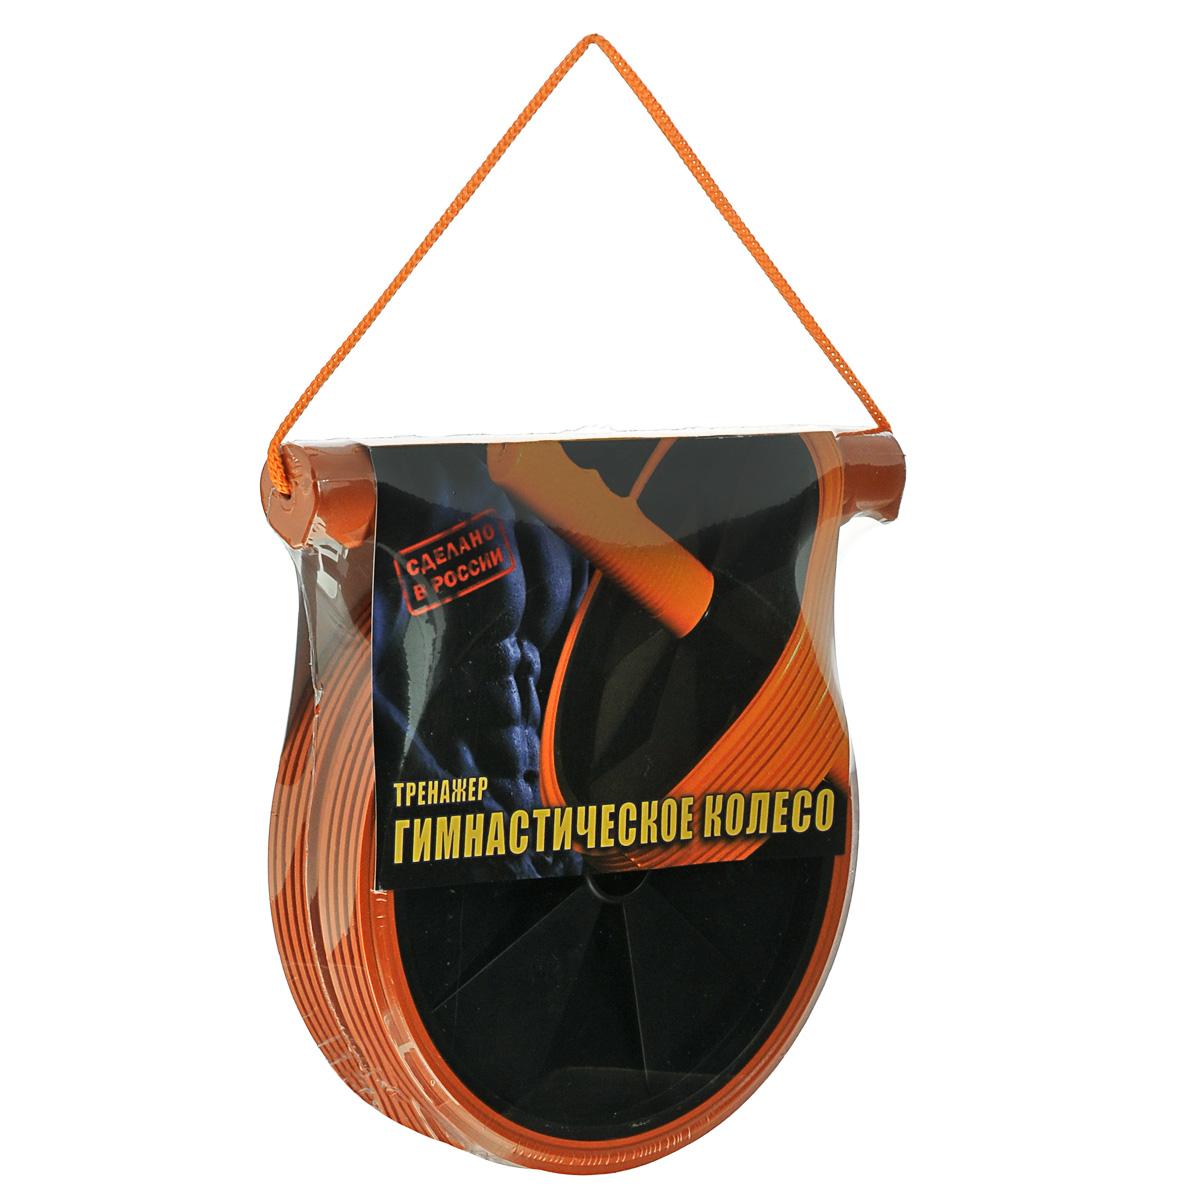 Ролик гимнастический Варяг, двойной, цвет: оранжевый, черный3B327Гимнастический ролик Варяг представляет собой два пластиковых колеса, надетых на металлический стержень с ручками, предназначен для индивидуальных занятий физкультурой и фитнесом. Тренировки с гимнастическим роликом повышают тонус мышц брюшного пресса, рук, ног, бедер и плеч, а также значительно улучшают рельеф и форму живота. При сборке для облегчения снятия резиновой части ручки нужно немного нагреть её, например паром из чайника или горячей водой.Гимнастический ролик Варяг поможет поддерживать ваше тело в хорошей физической форме, развивать гибкость, выносливость и избавиться от лишнего веса.Диаметр ролика: 18 см. Длина ручки: 22 см. Толщина ролика: 4,5 см.